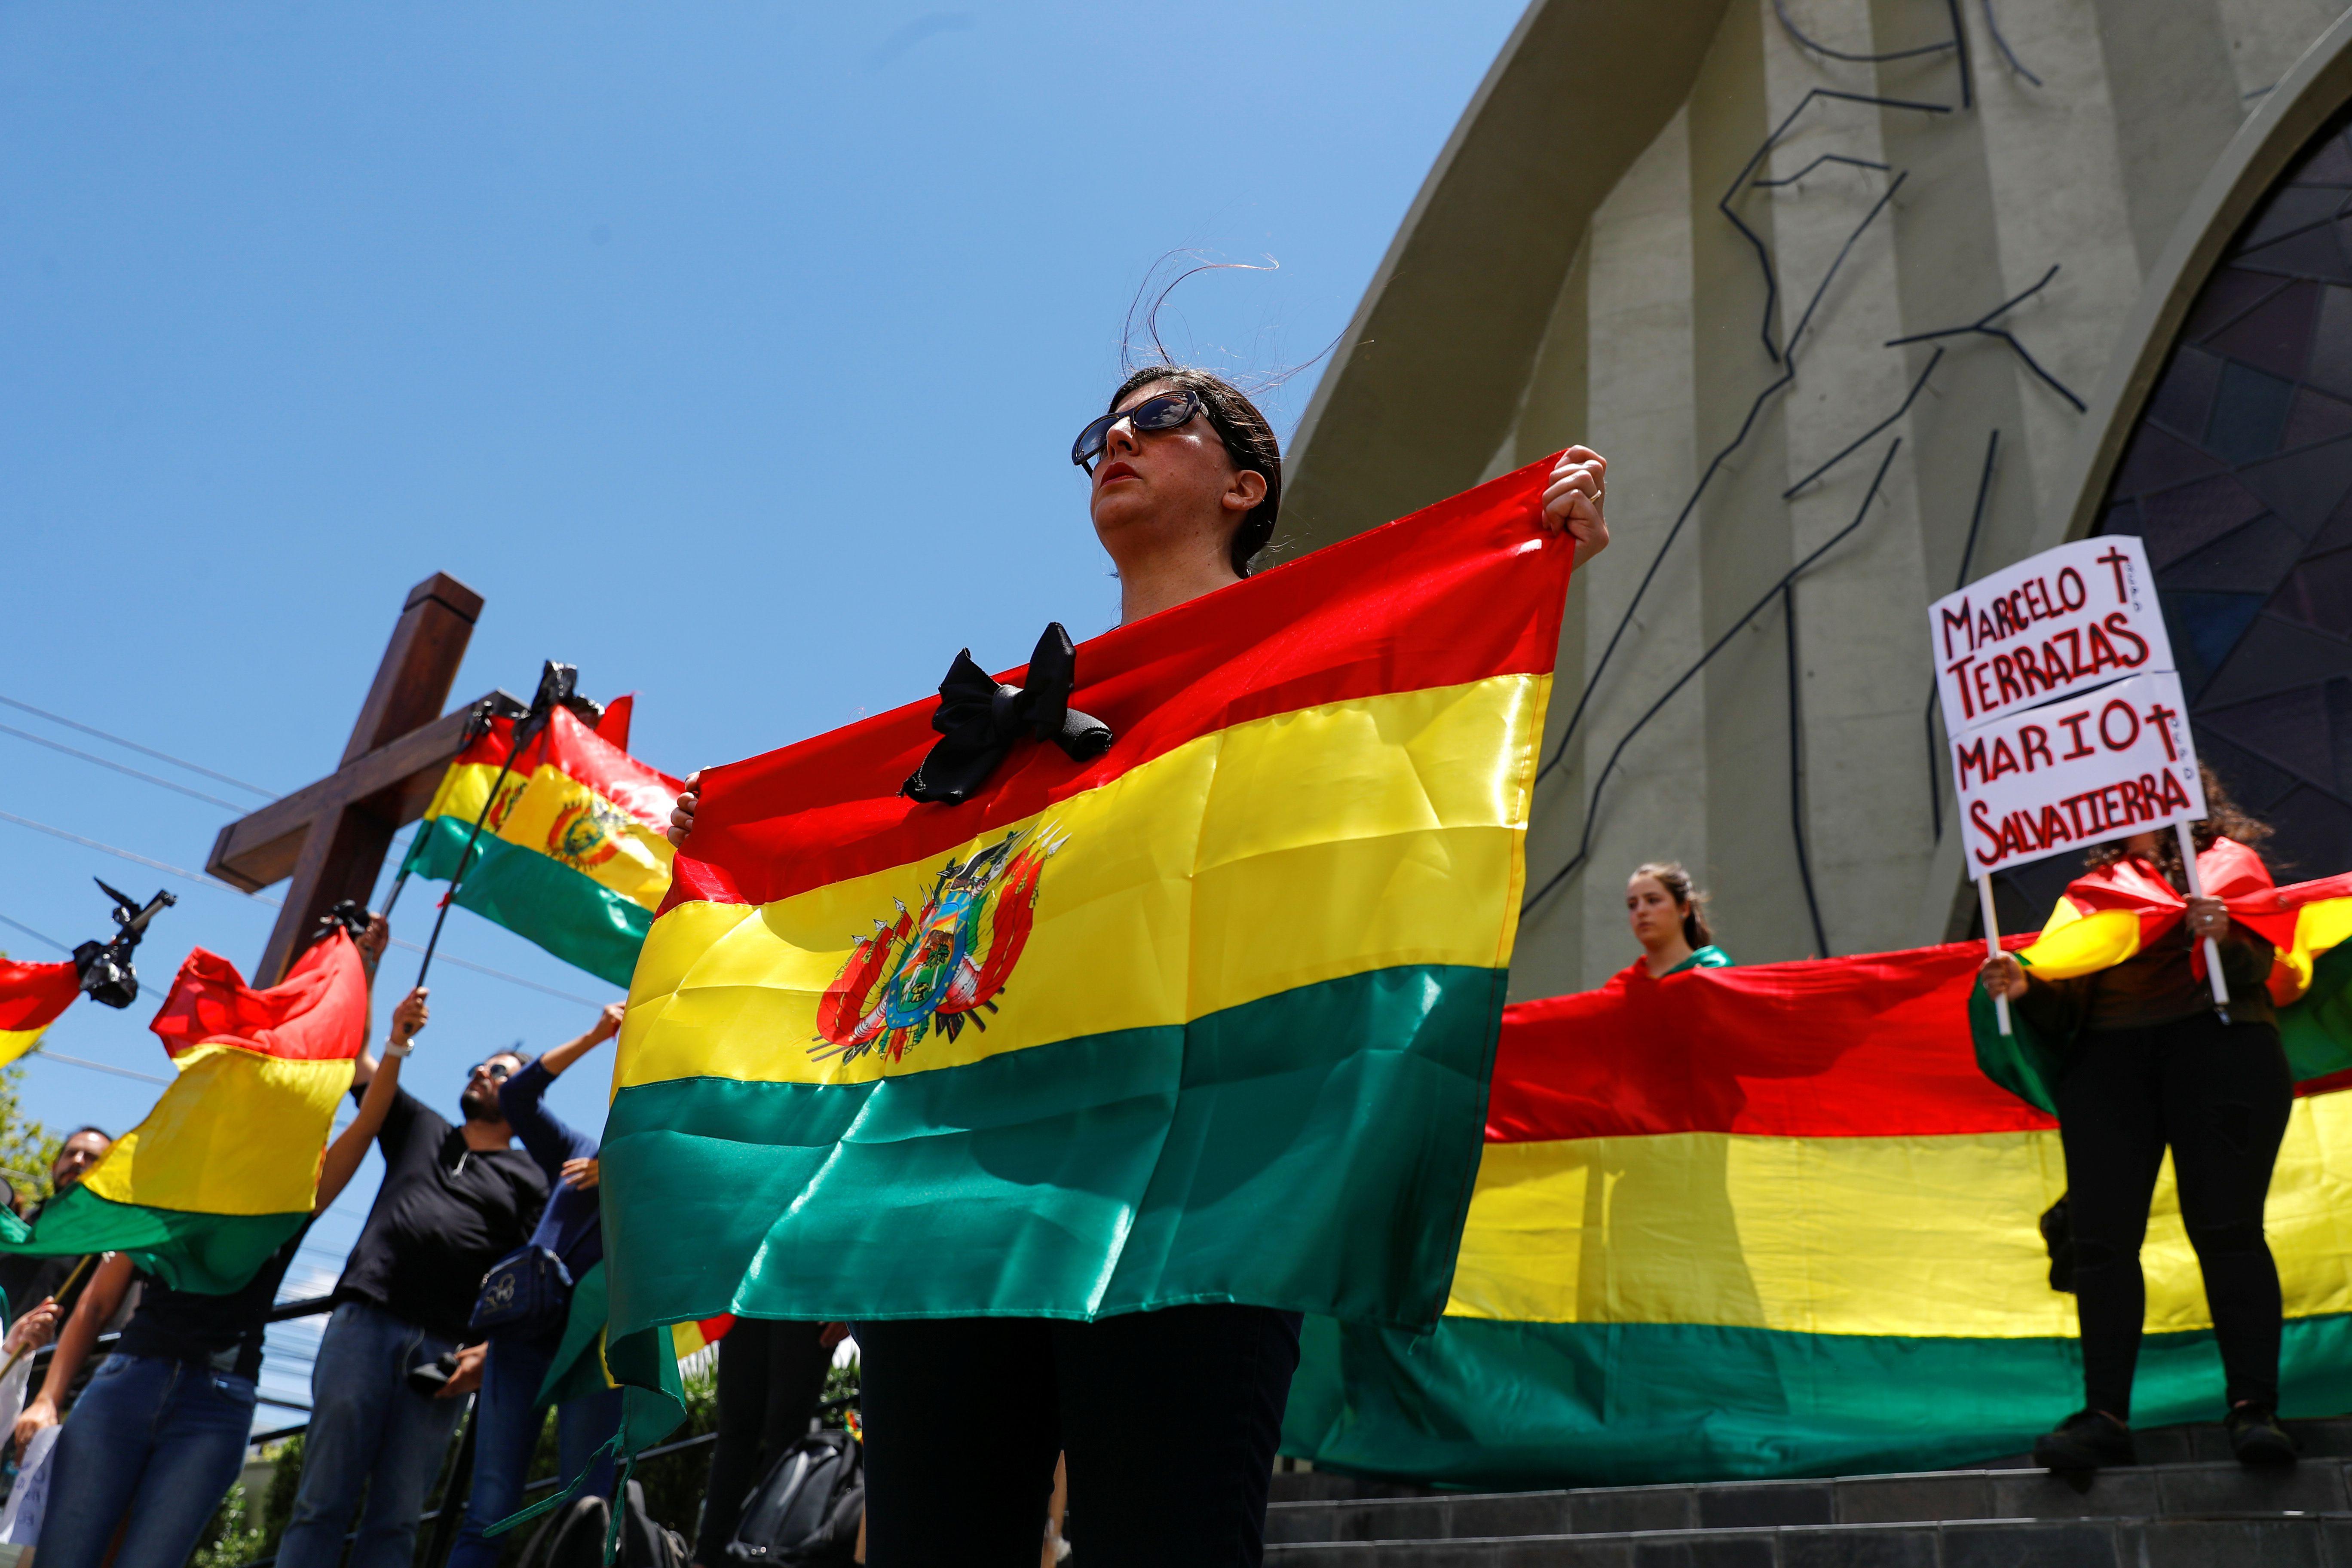 Homenaje en La Paz a los dos manifestantes asesinados el miércoles en Santa Cruz (REUTERS/Kai Pfaffenbach)